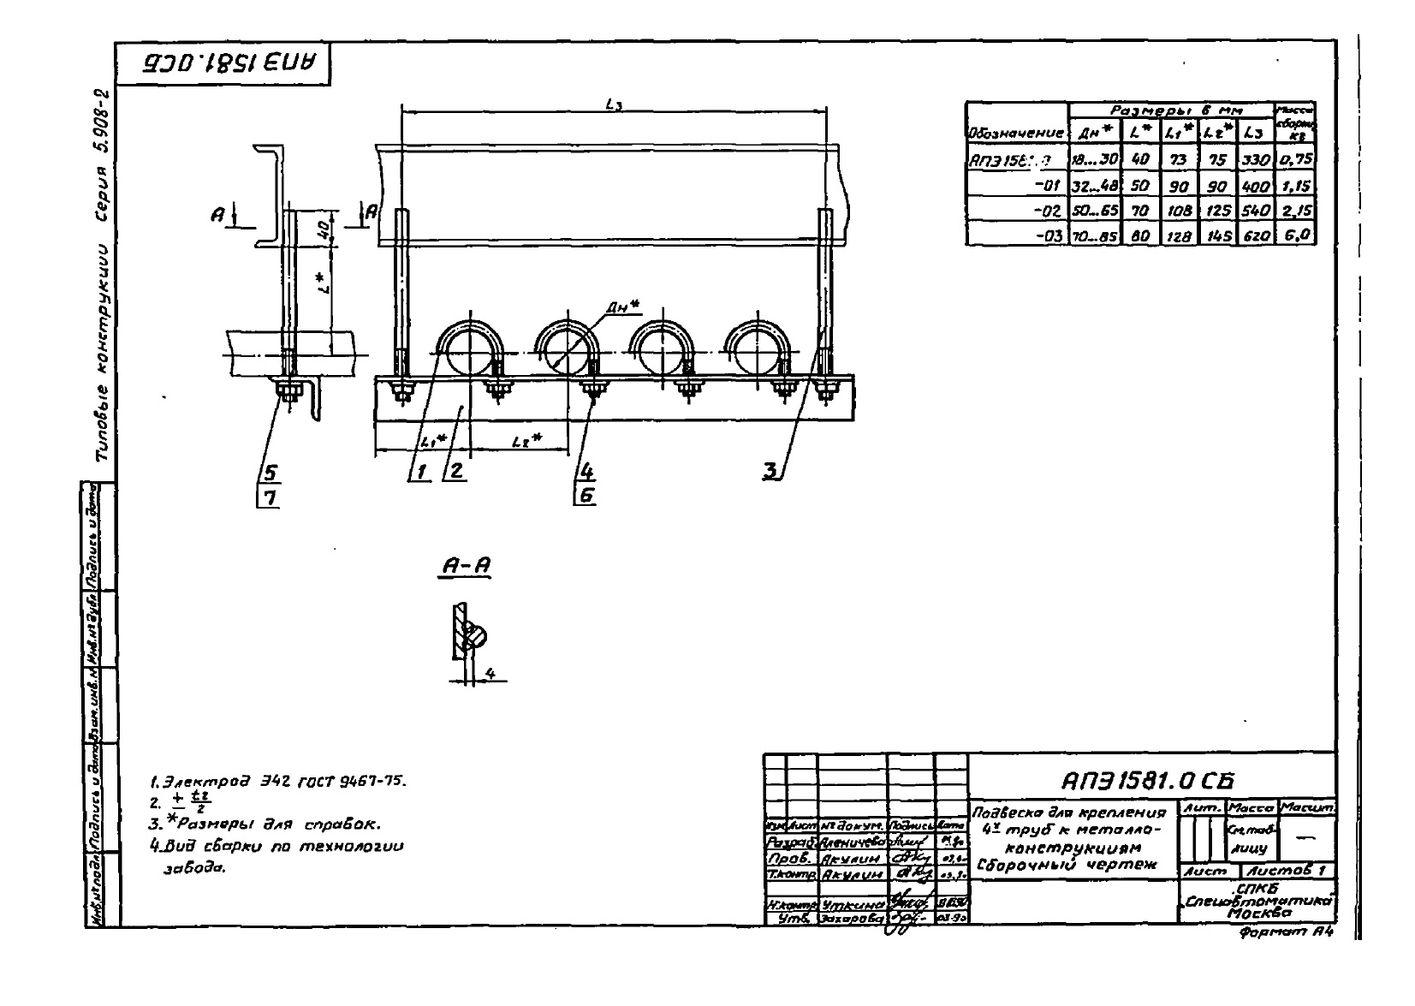 Подвеска АПЭ 1581.0 серия 5.908-2 стр.1